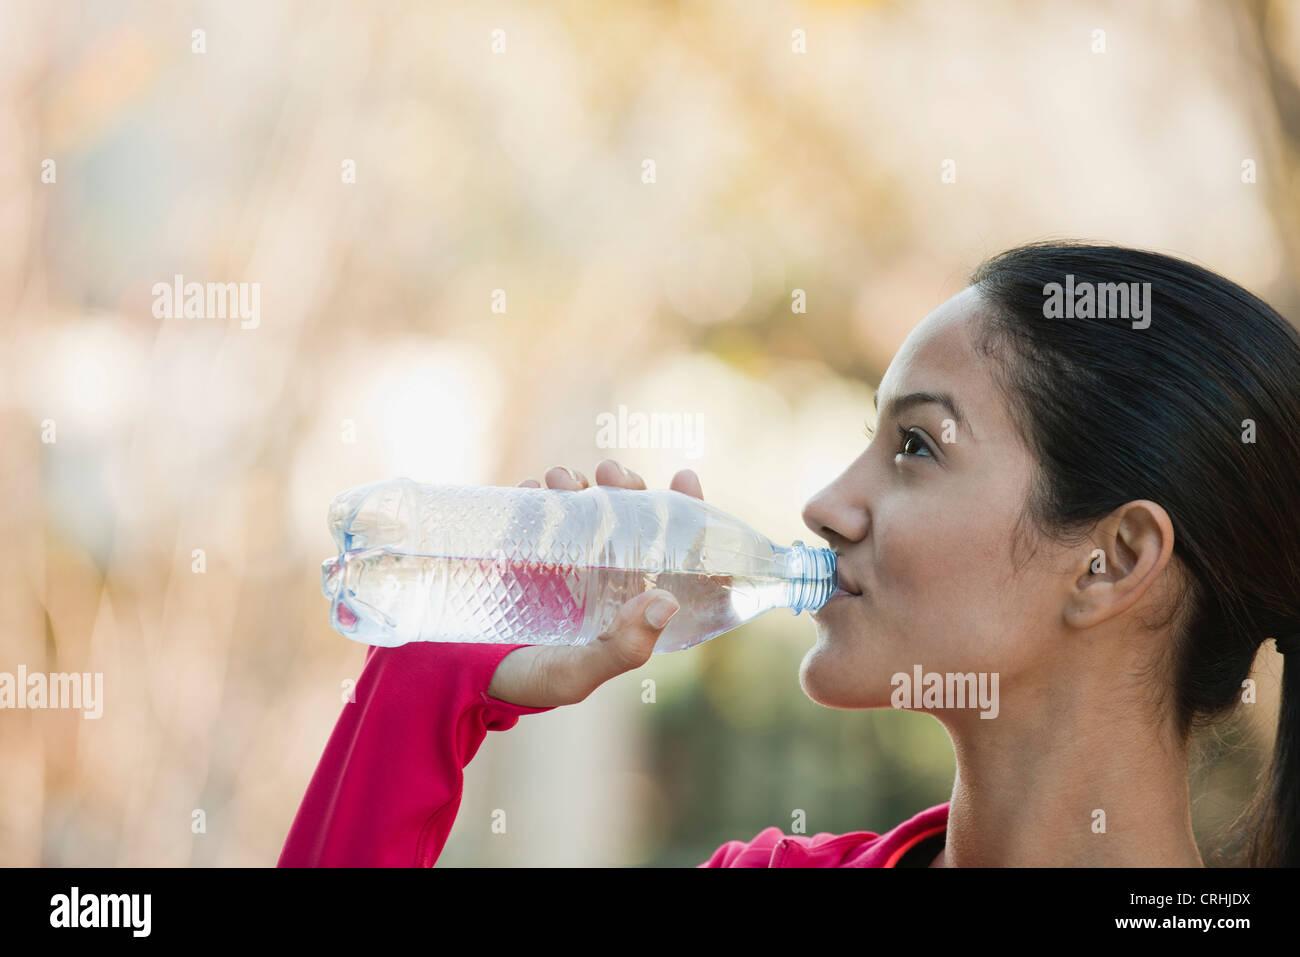 Giovane donna di bere una bottiglia di acqua minerale Immagini Stock